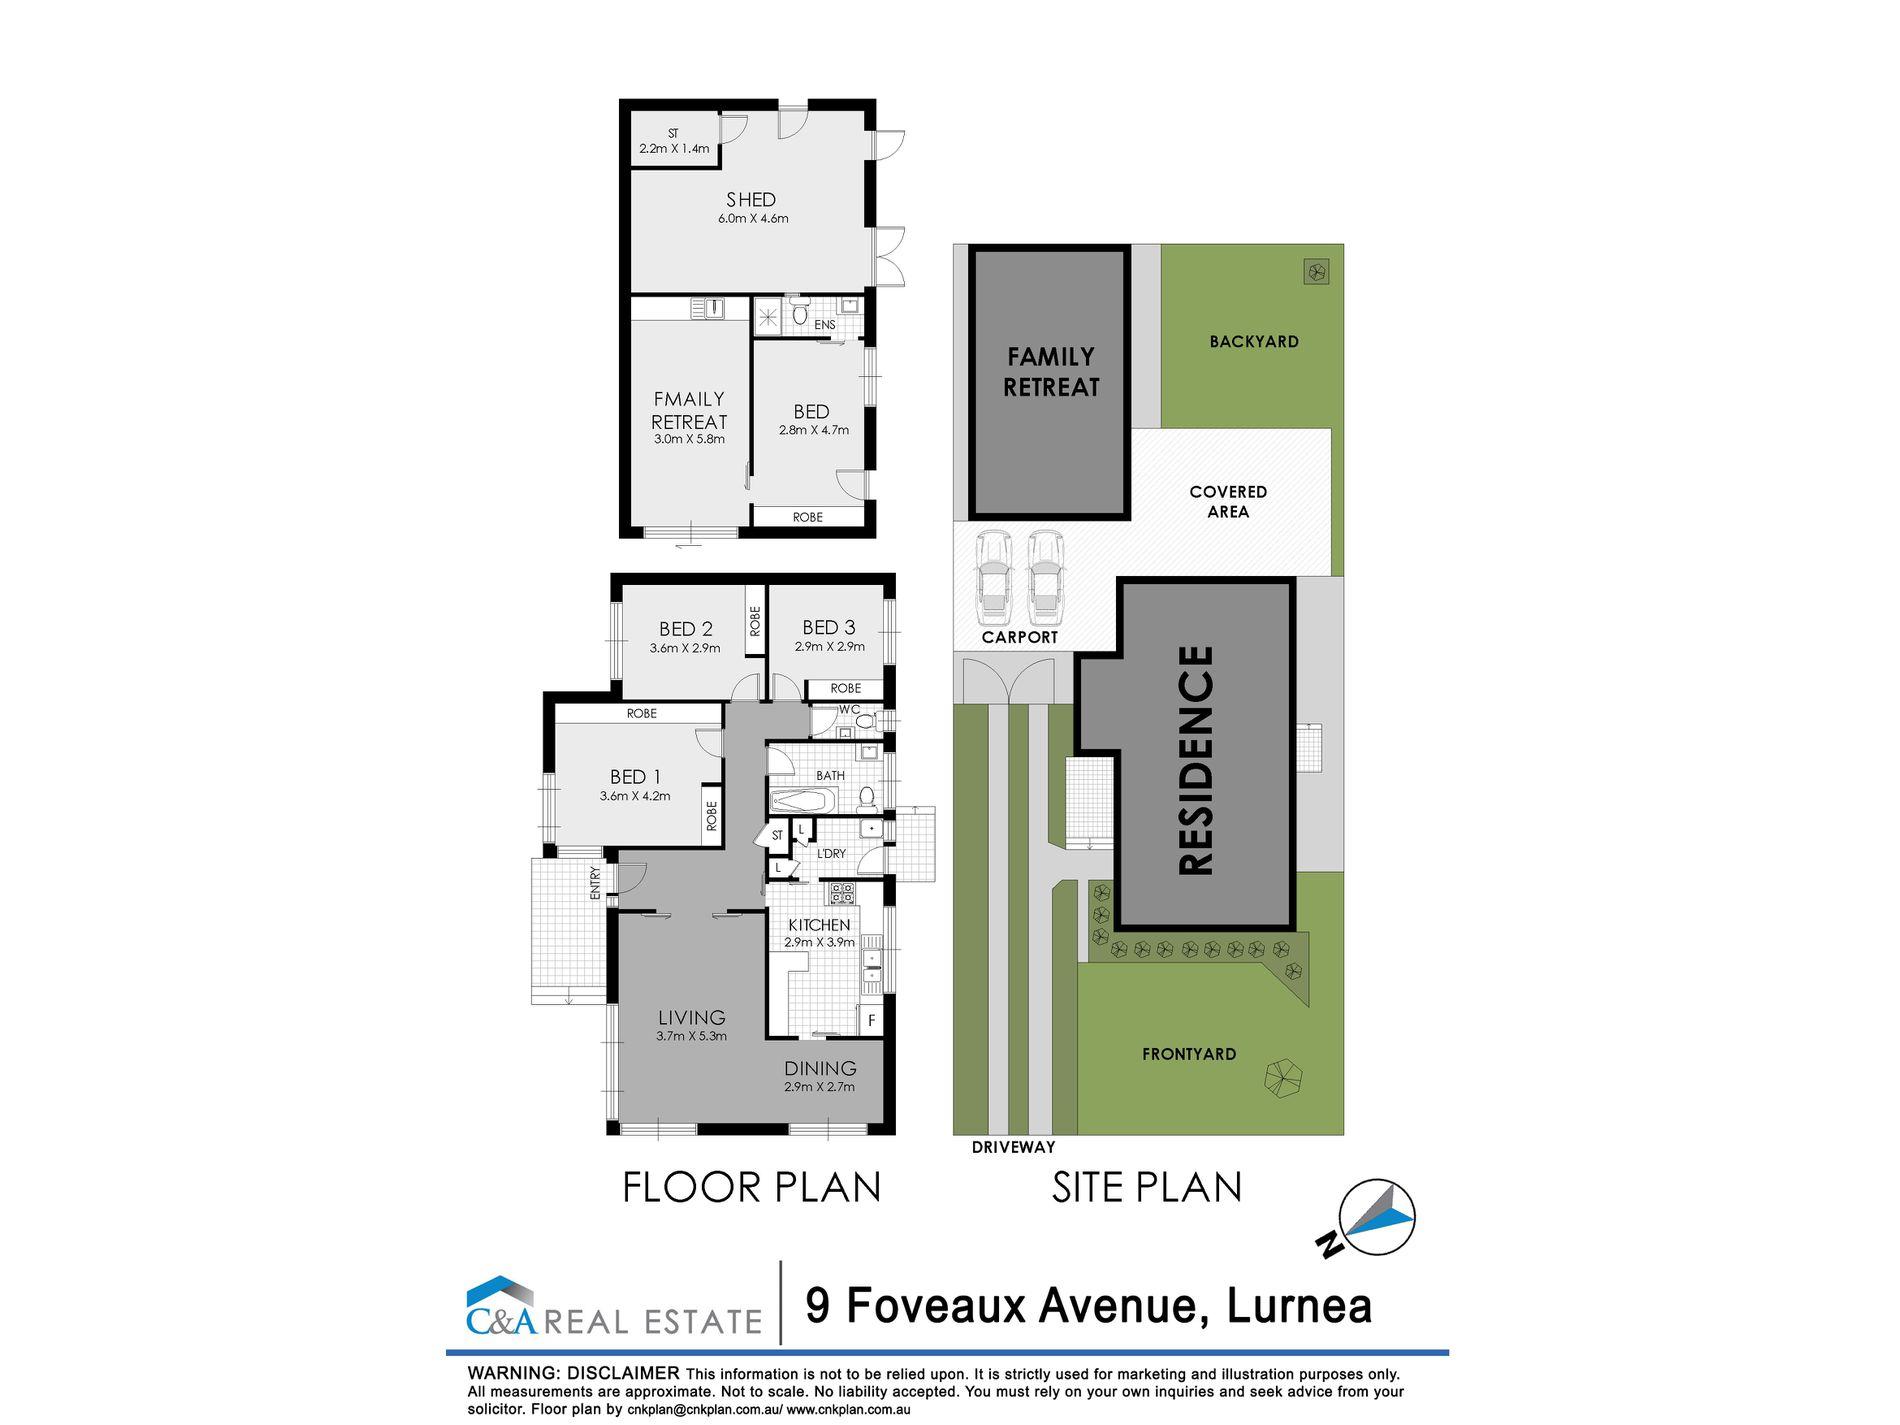 9 Foveaux Avenue, Lurnea